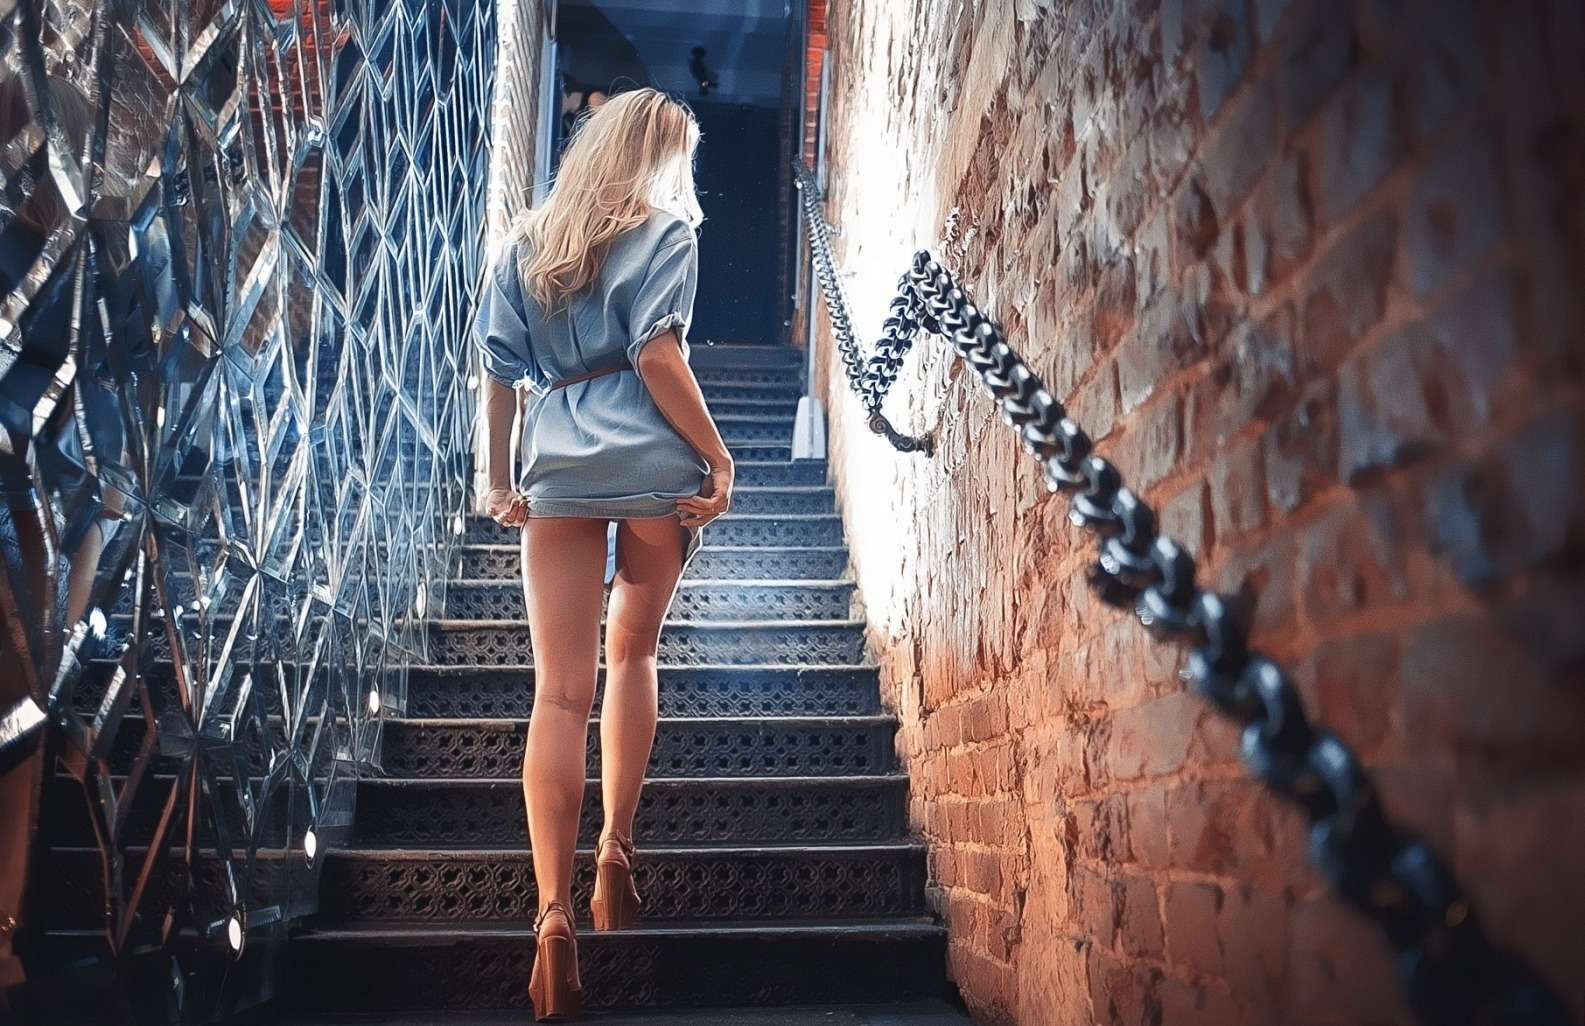 девушка на лестнице фото